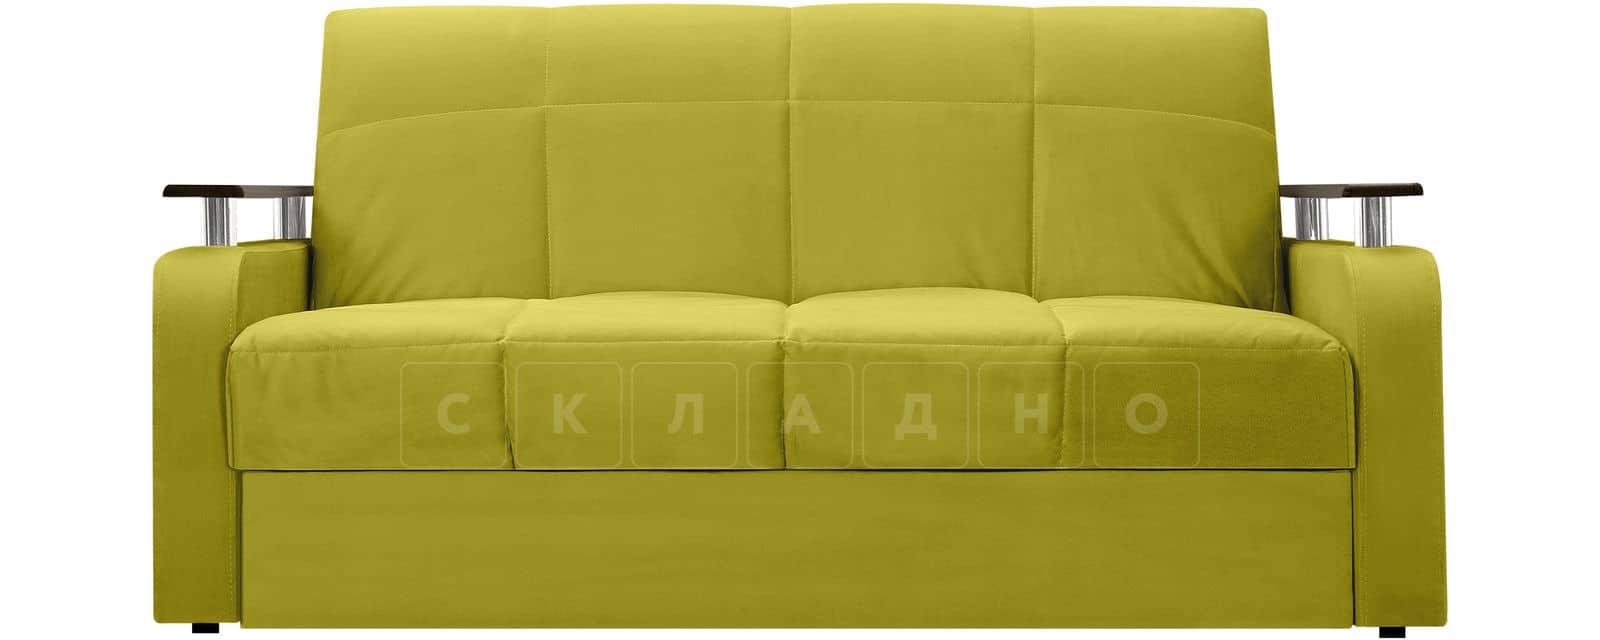 Диван прямой Денвер велюр оливковый фото 2 | интернет-магазин Складно